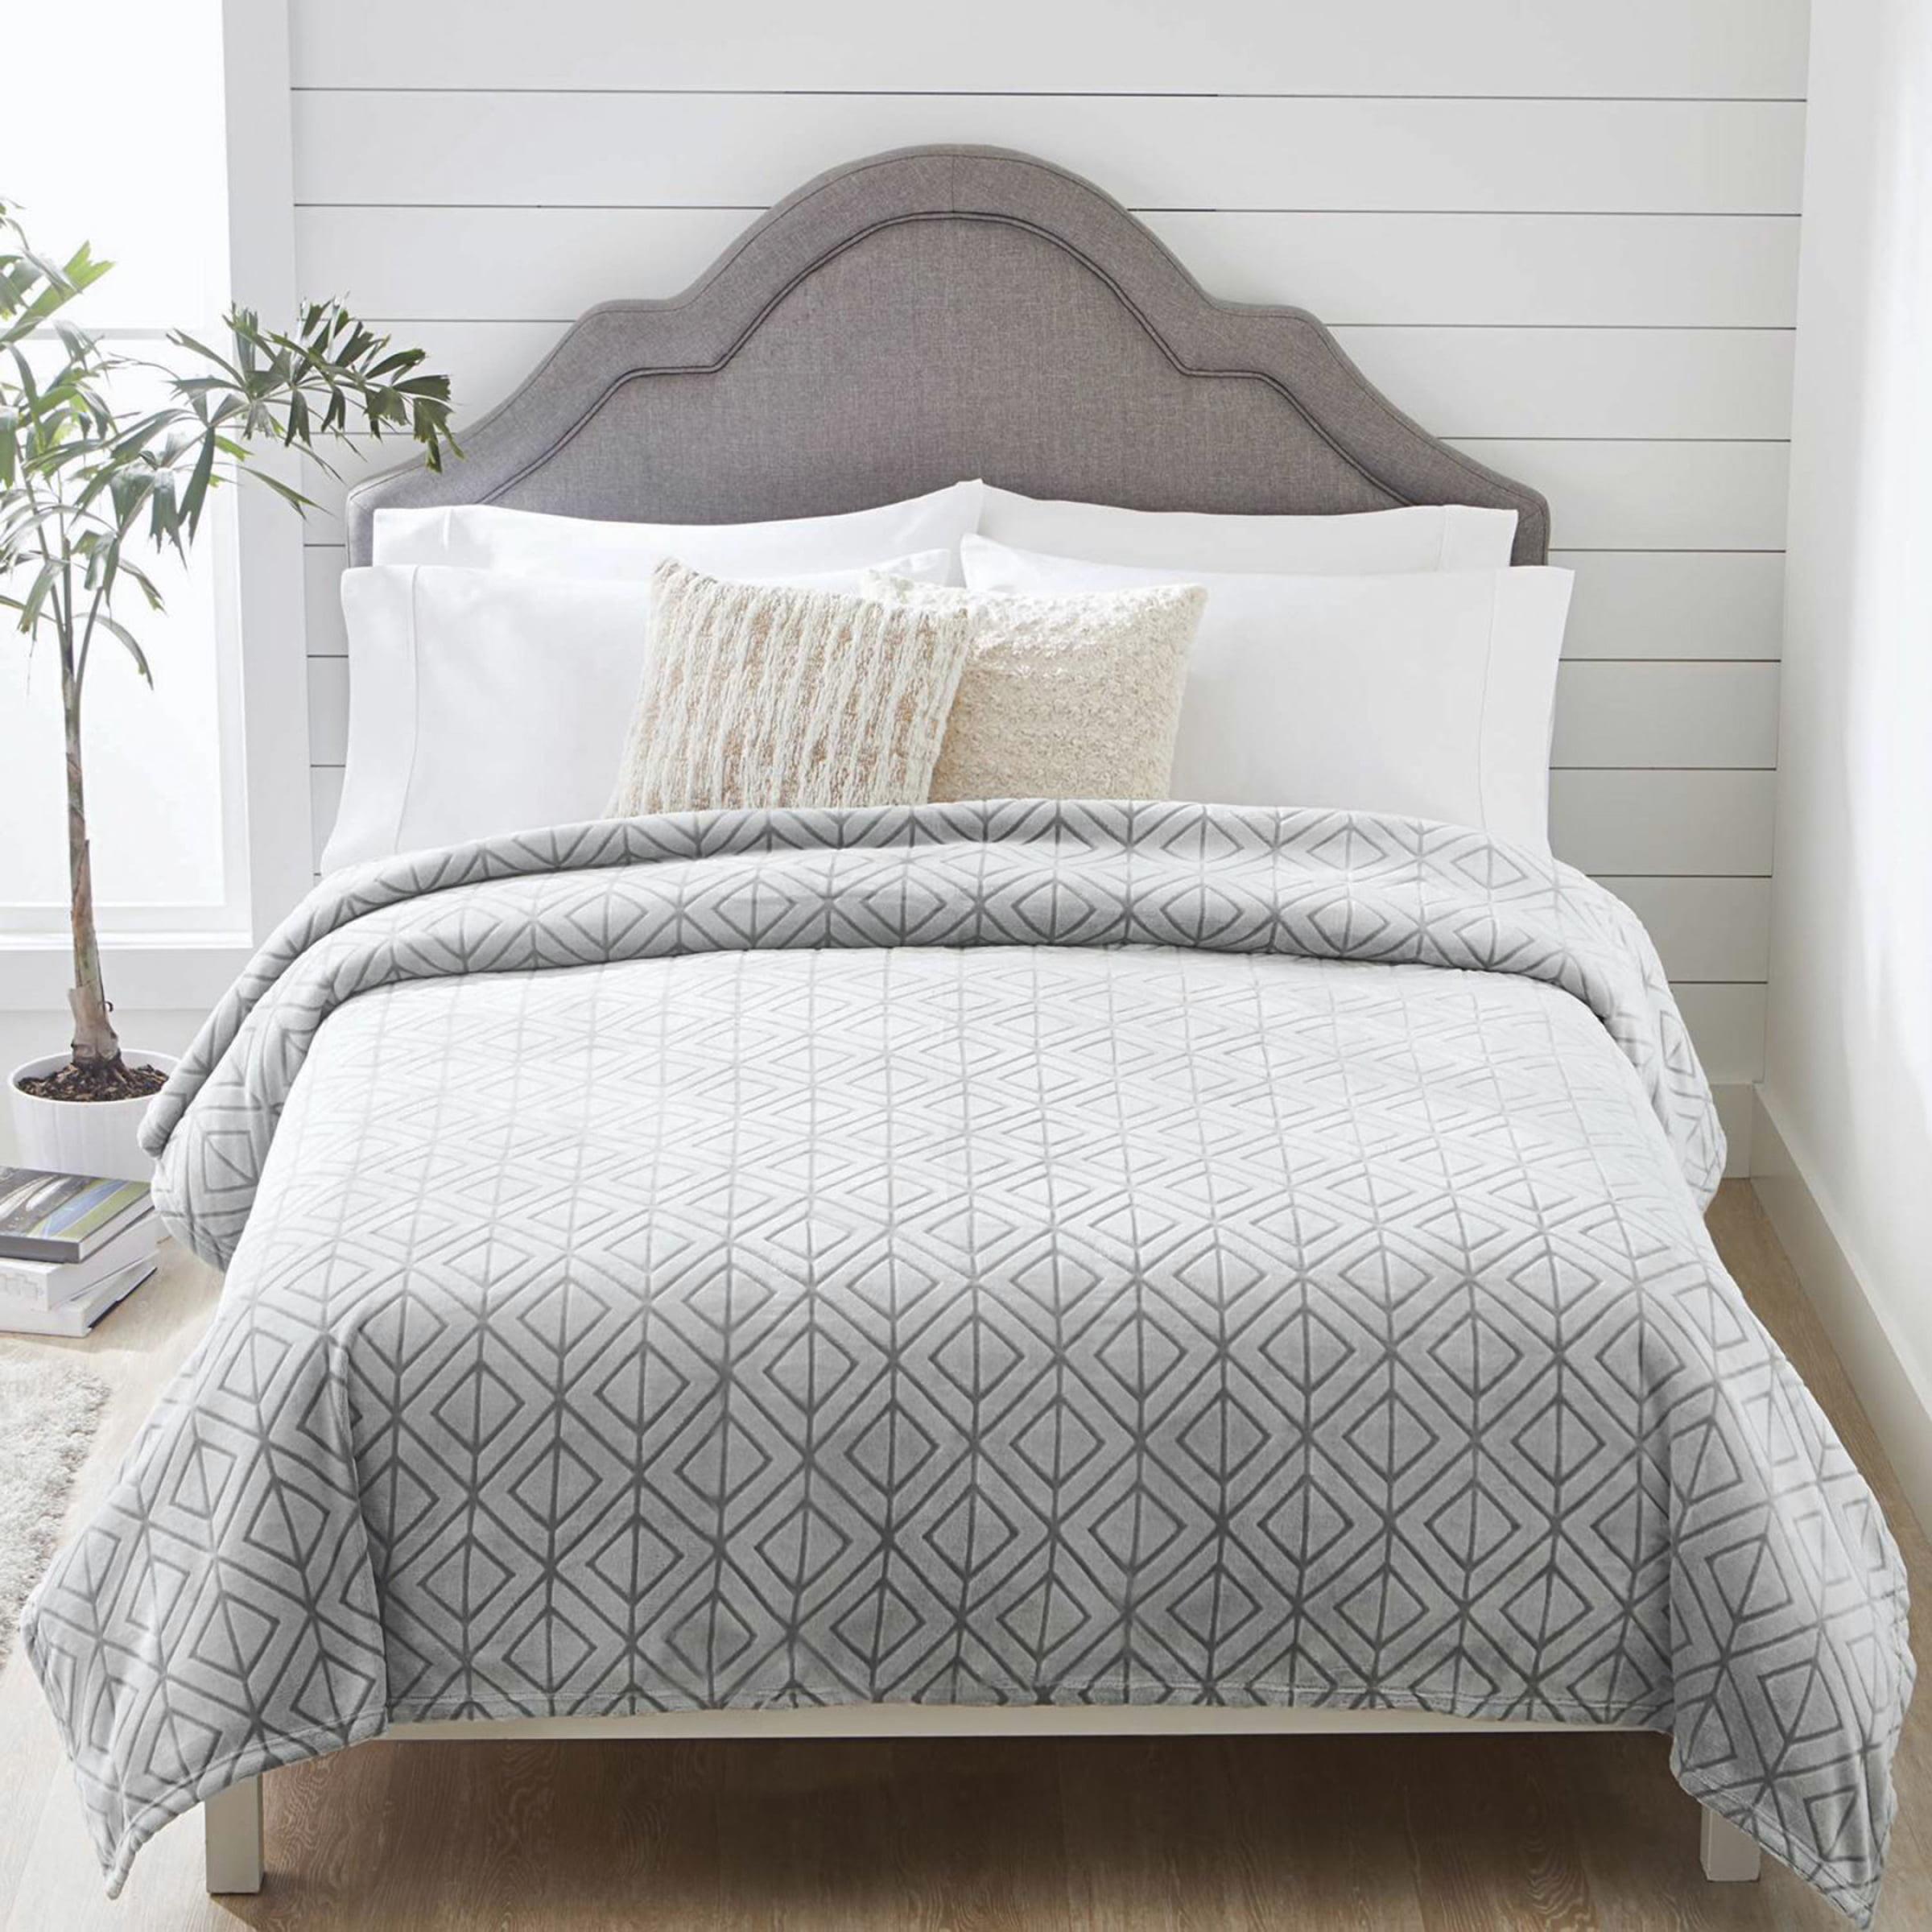 Better Homes & Gardens Velvet Plush Textured Silver Blanket, King